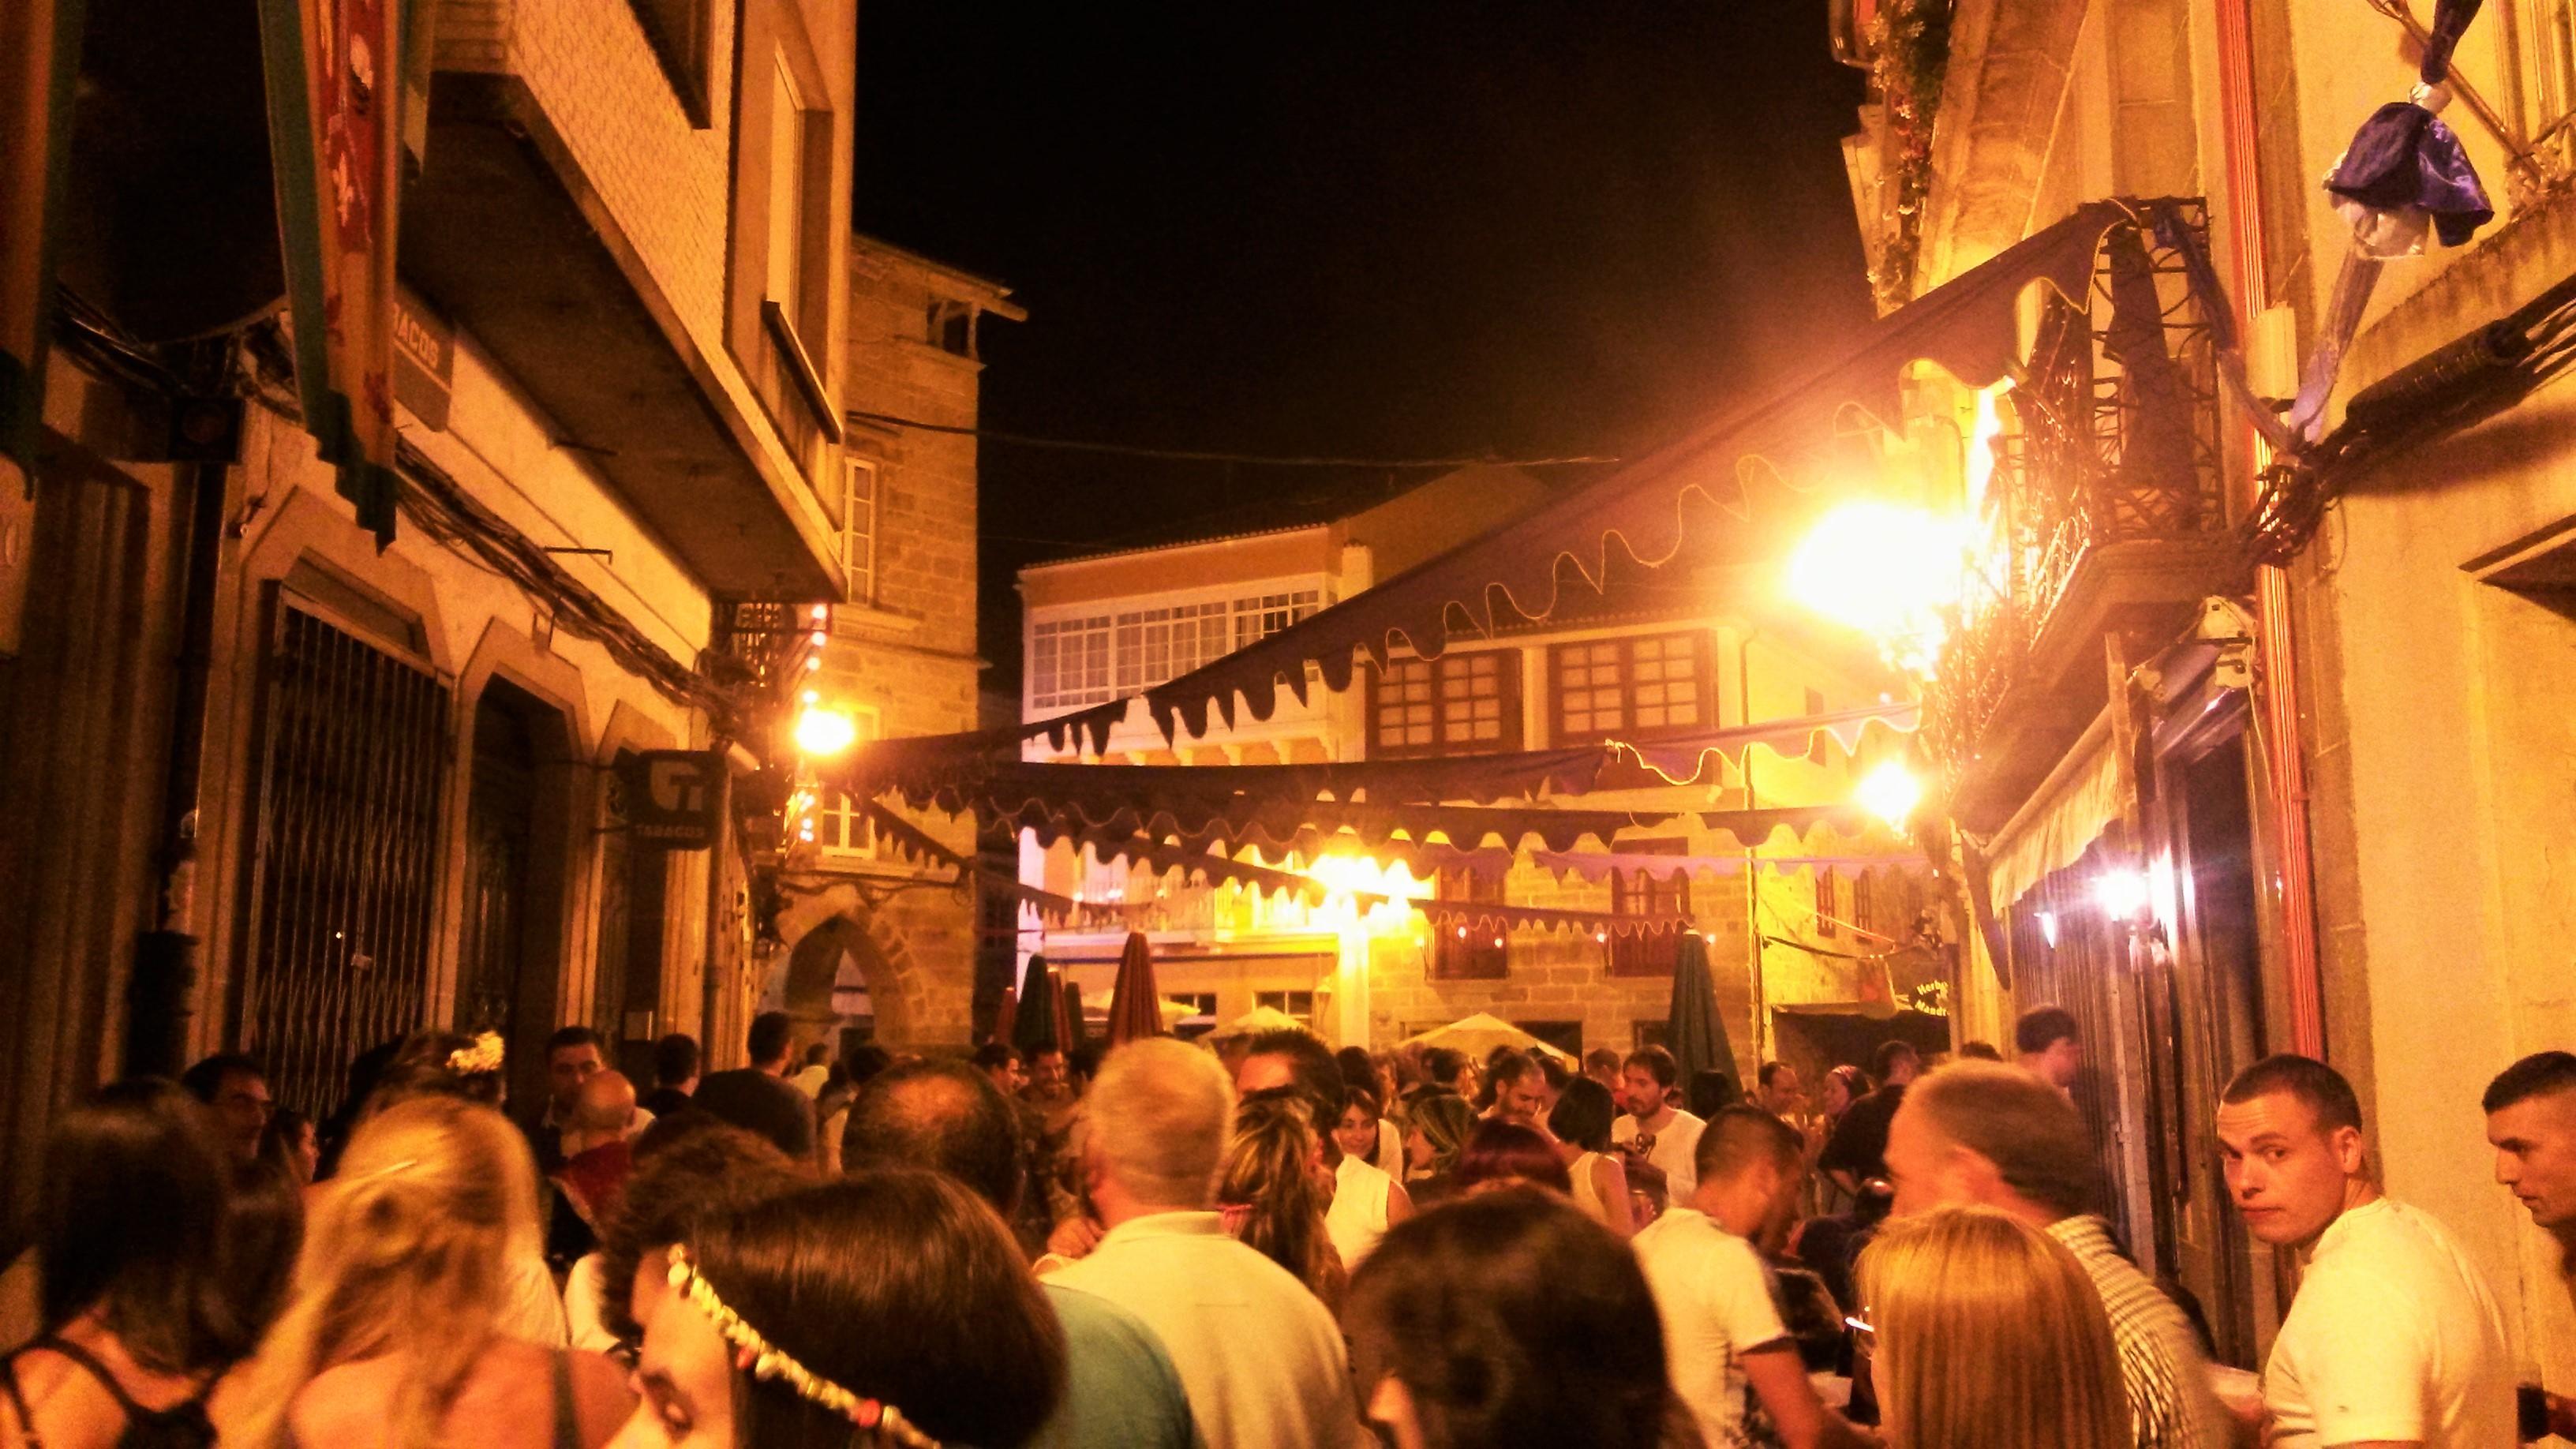 Miles de personas disfrutaron de la Feria Medieval de Noia, la fiesta más popular de la villa marinera |©Paula Martínez Graña